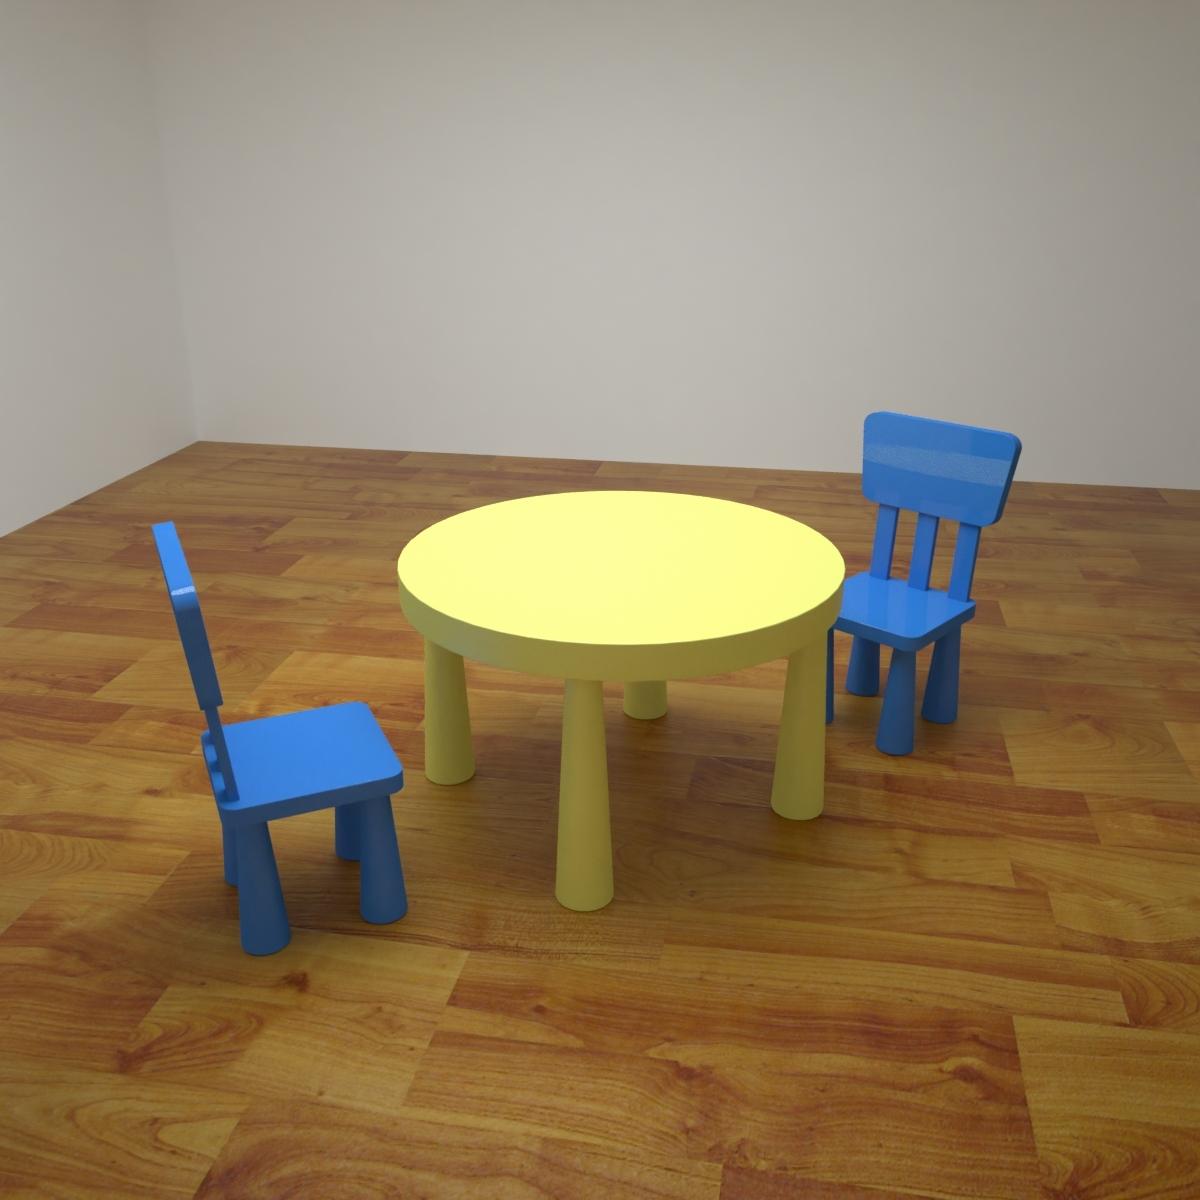 Modele 3d De Table Pour Enfants Ikea 1 Turbosquid 1315391